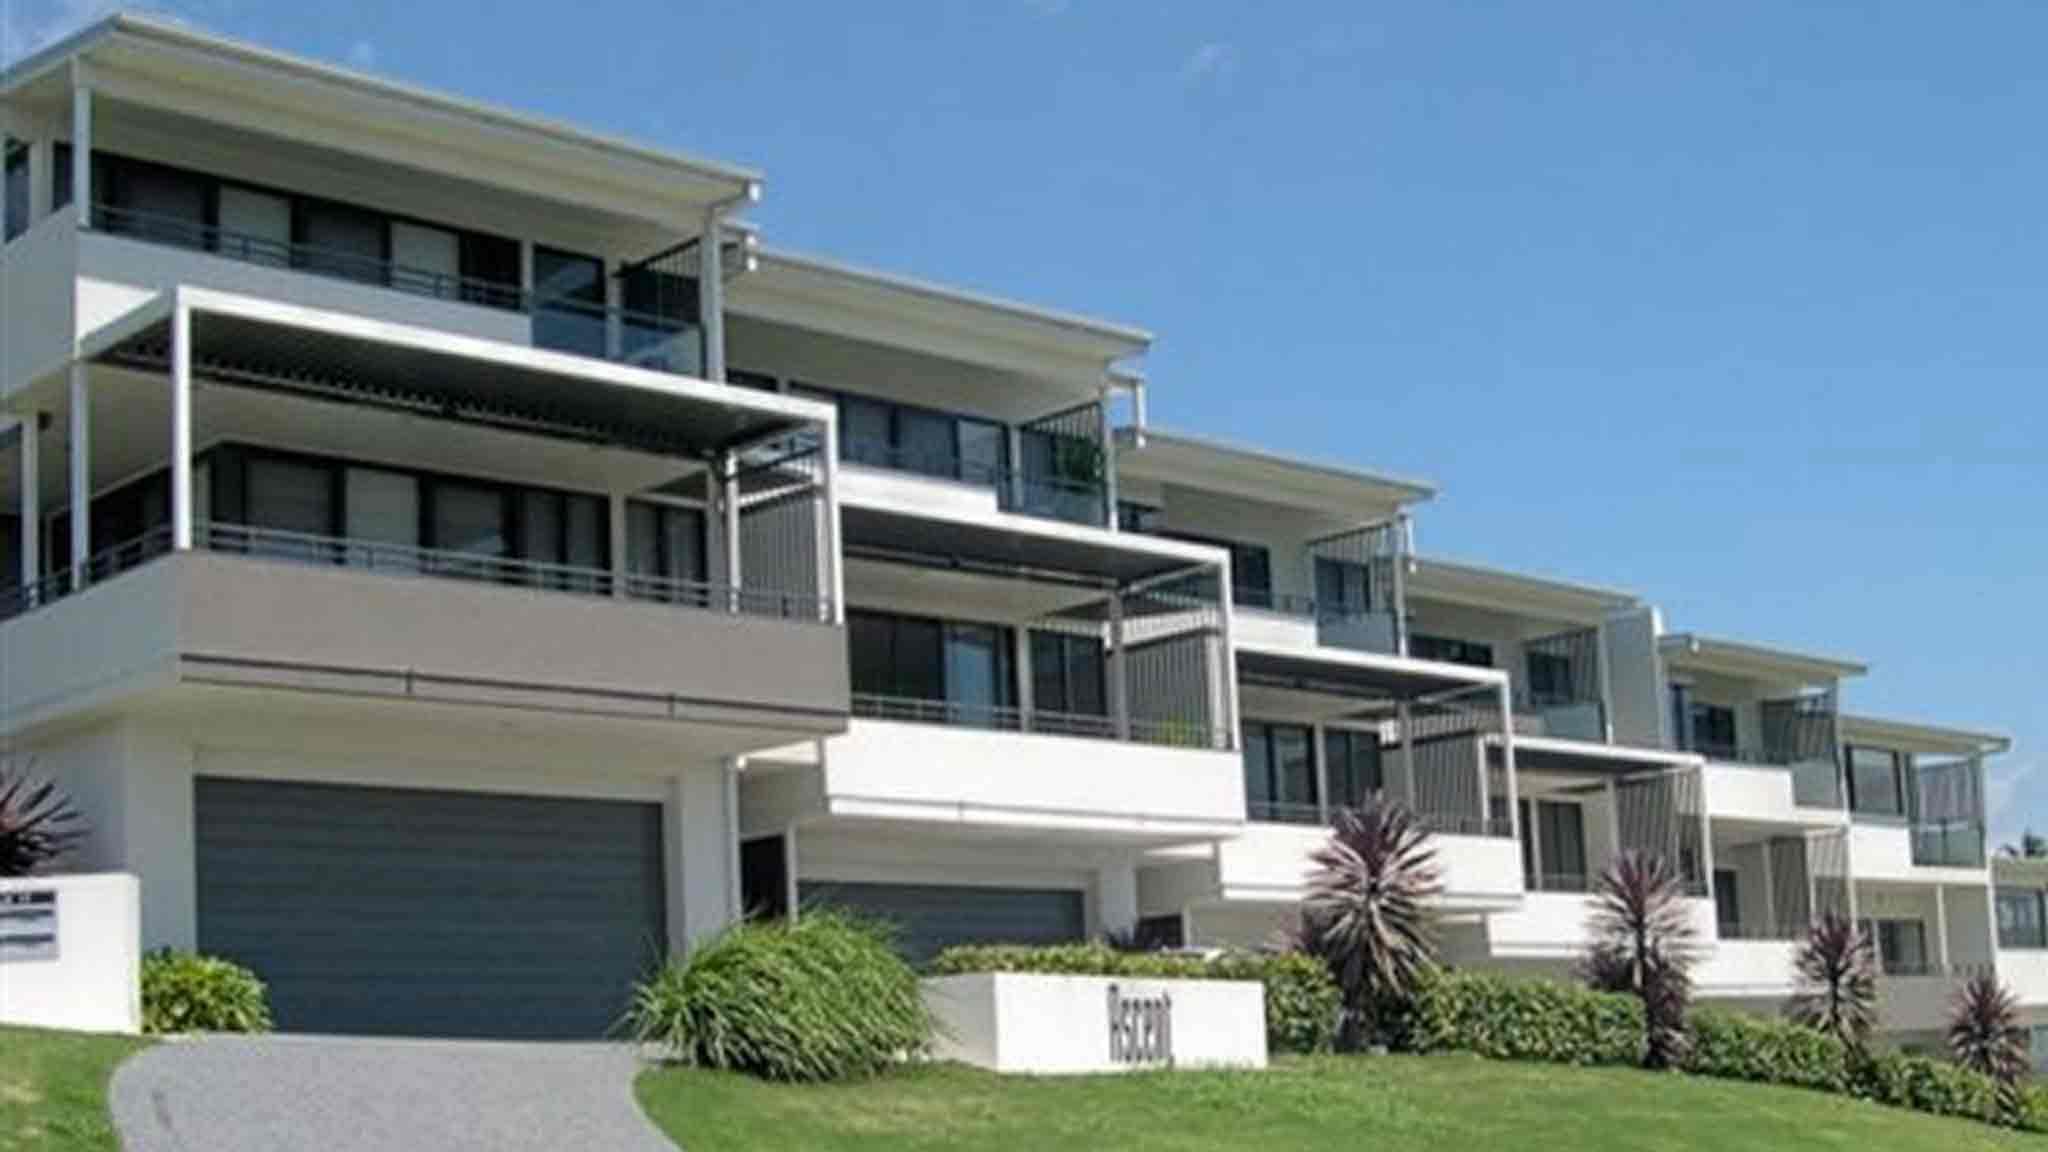 Ascent Apartments